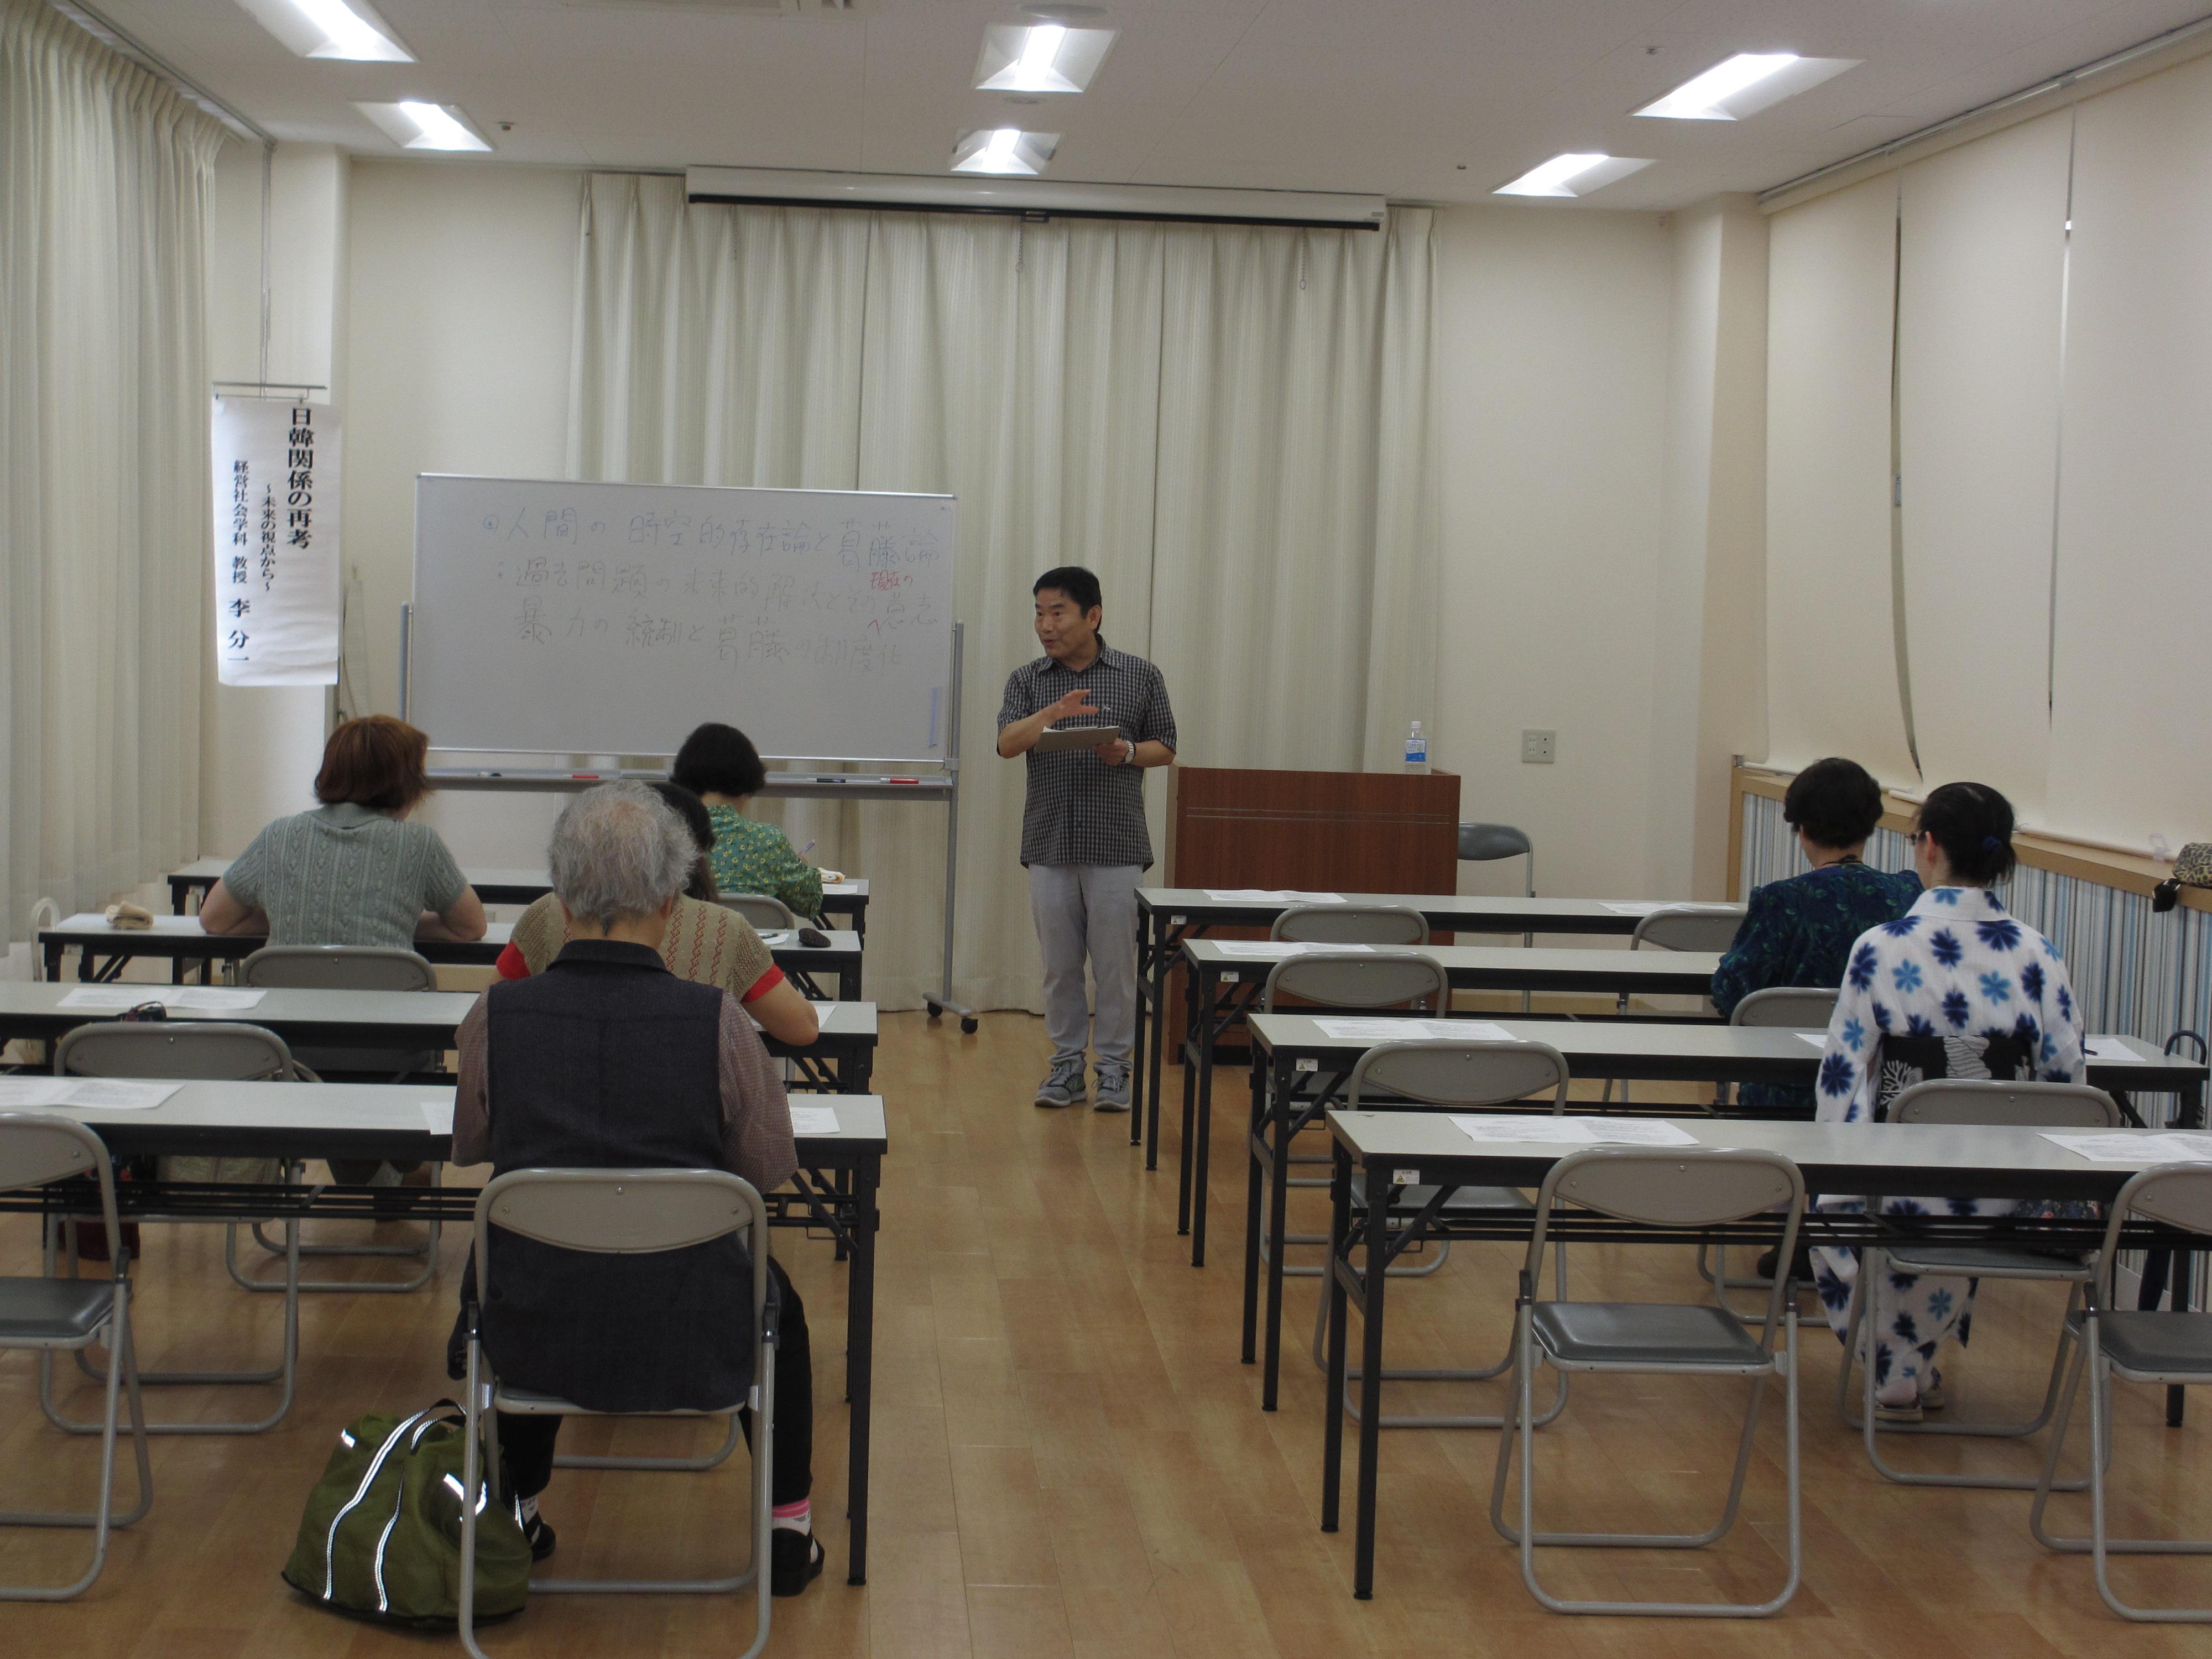 まちなかゼミナール『日韓関係の再考-未来の視点から-』を開催しました。